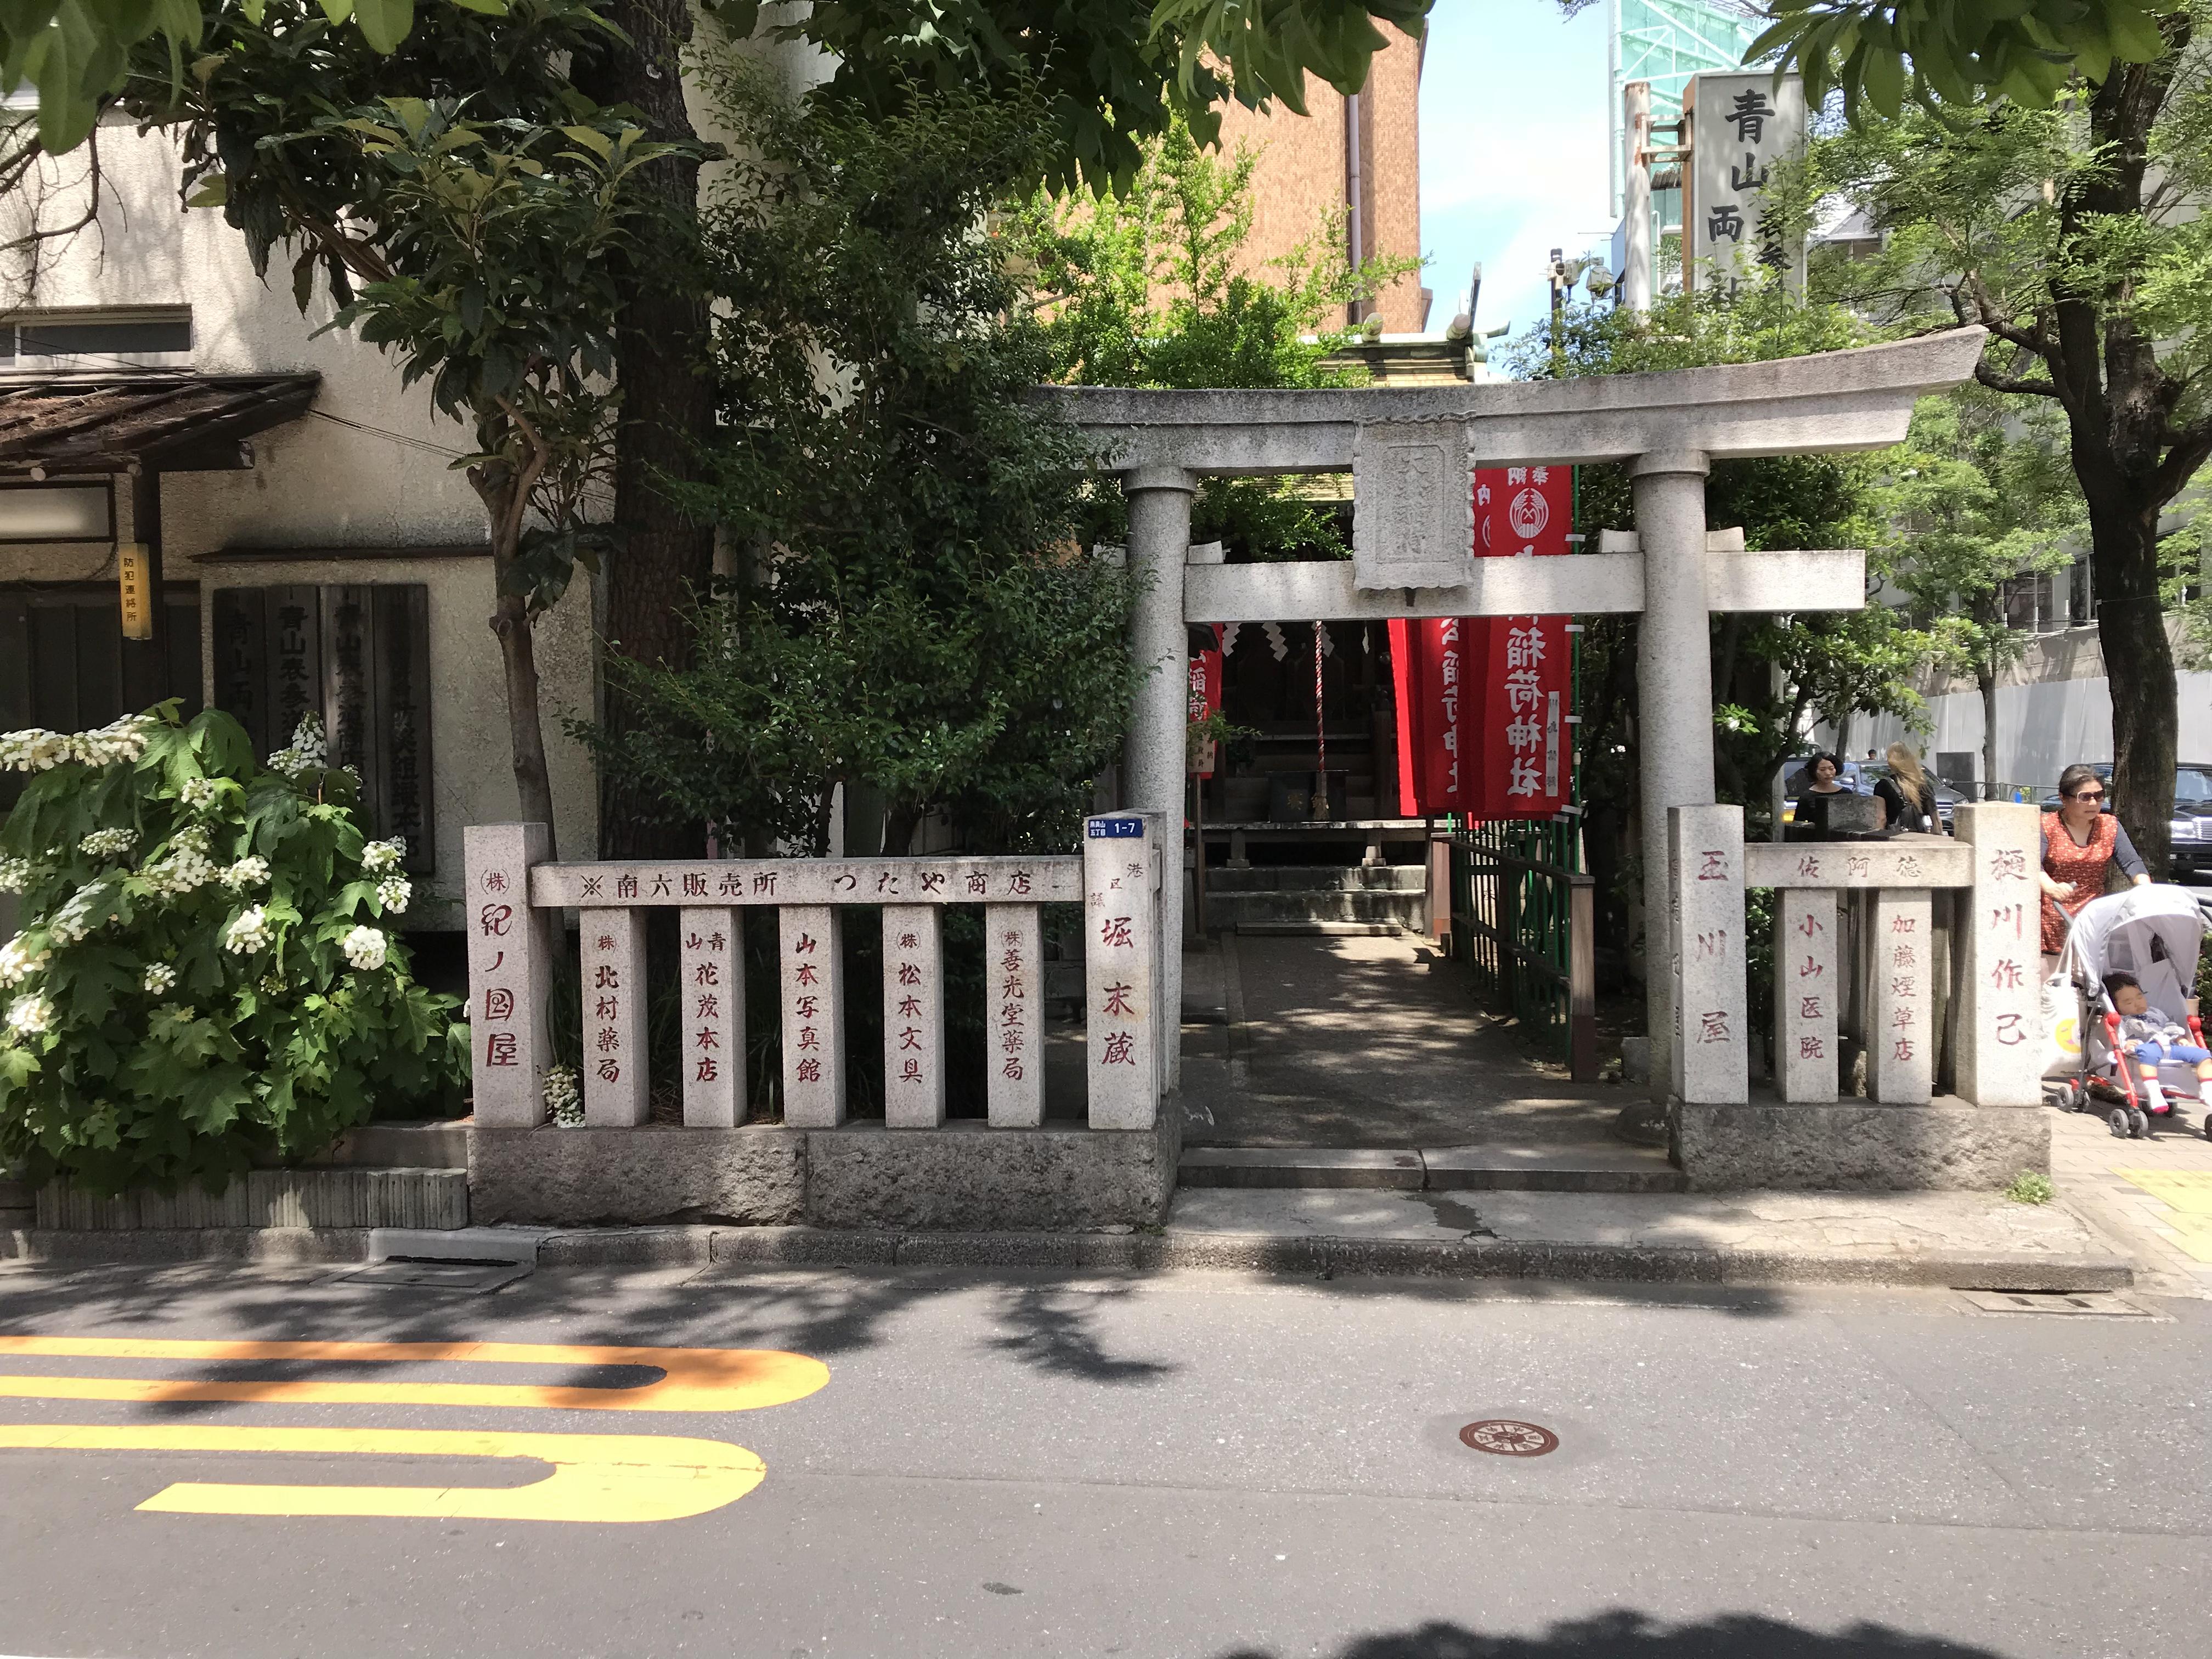 西久保八幡神社とかき氷